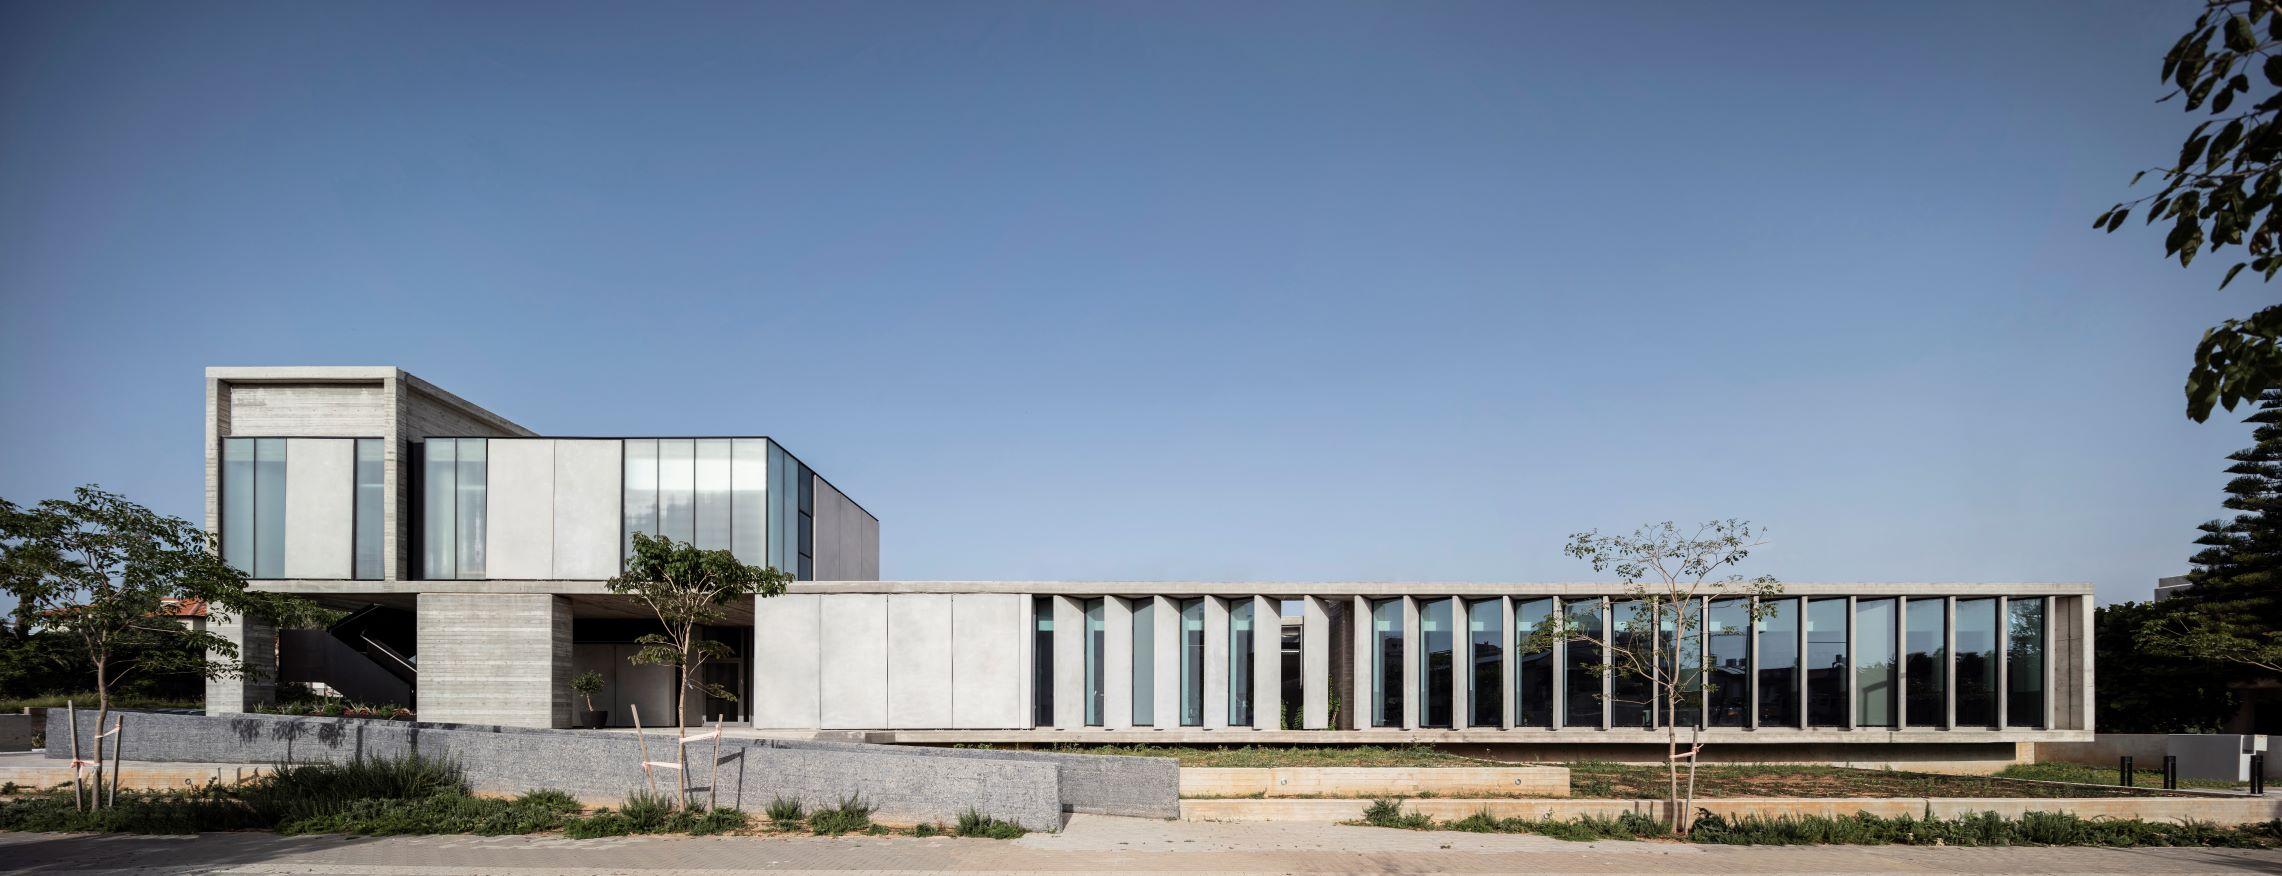 מרכז תאו זכה במקום הראשון בתחרות פרויקט השנה של כתב העת אדריכלות ישראלית בשיתוף האיחוד האירופי